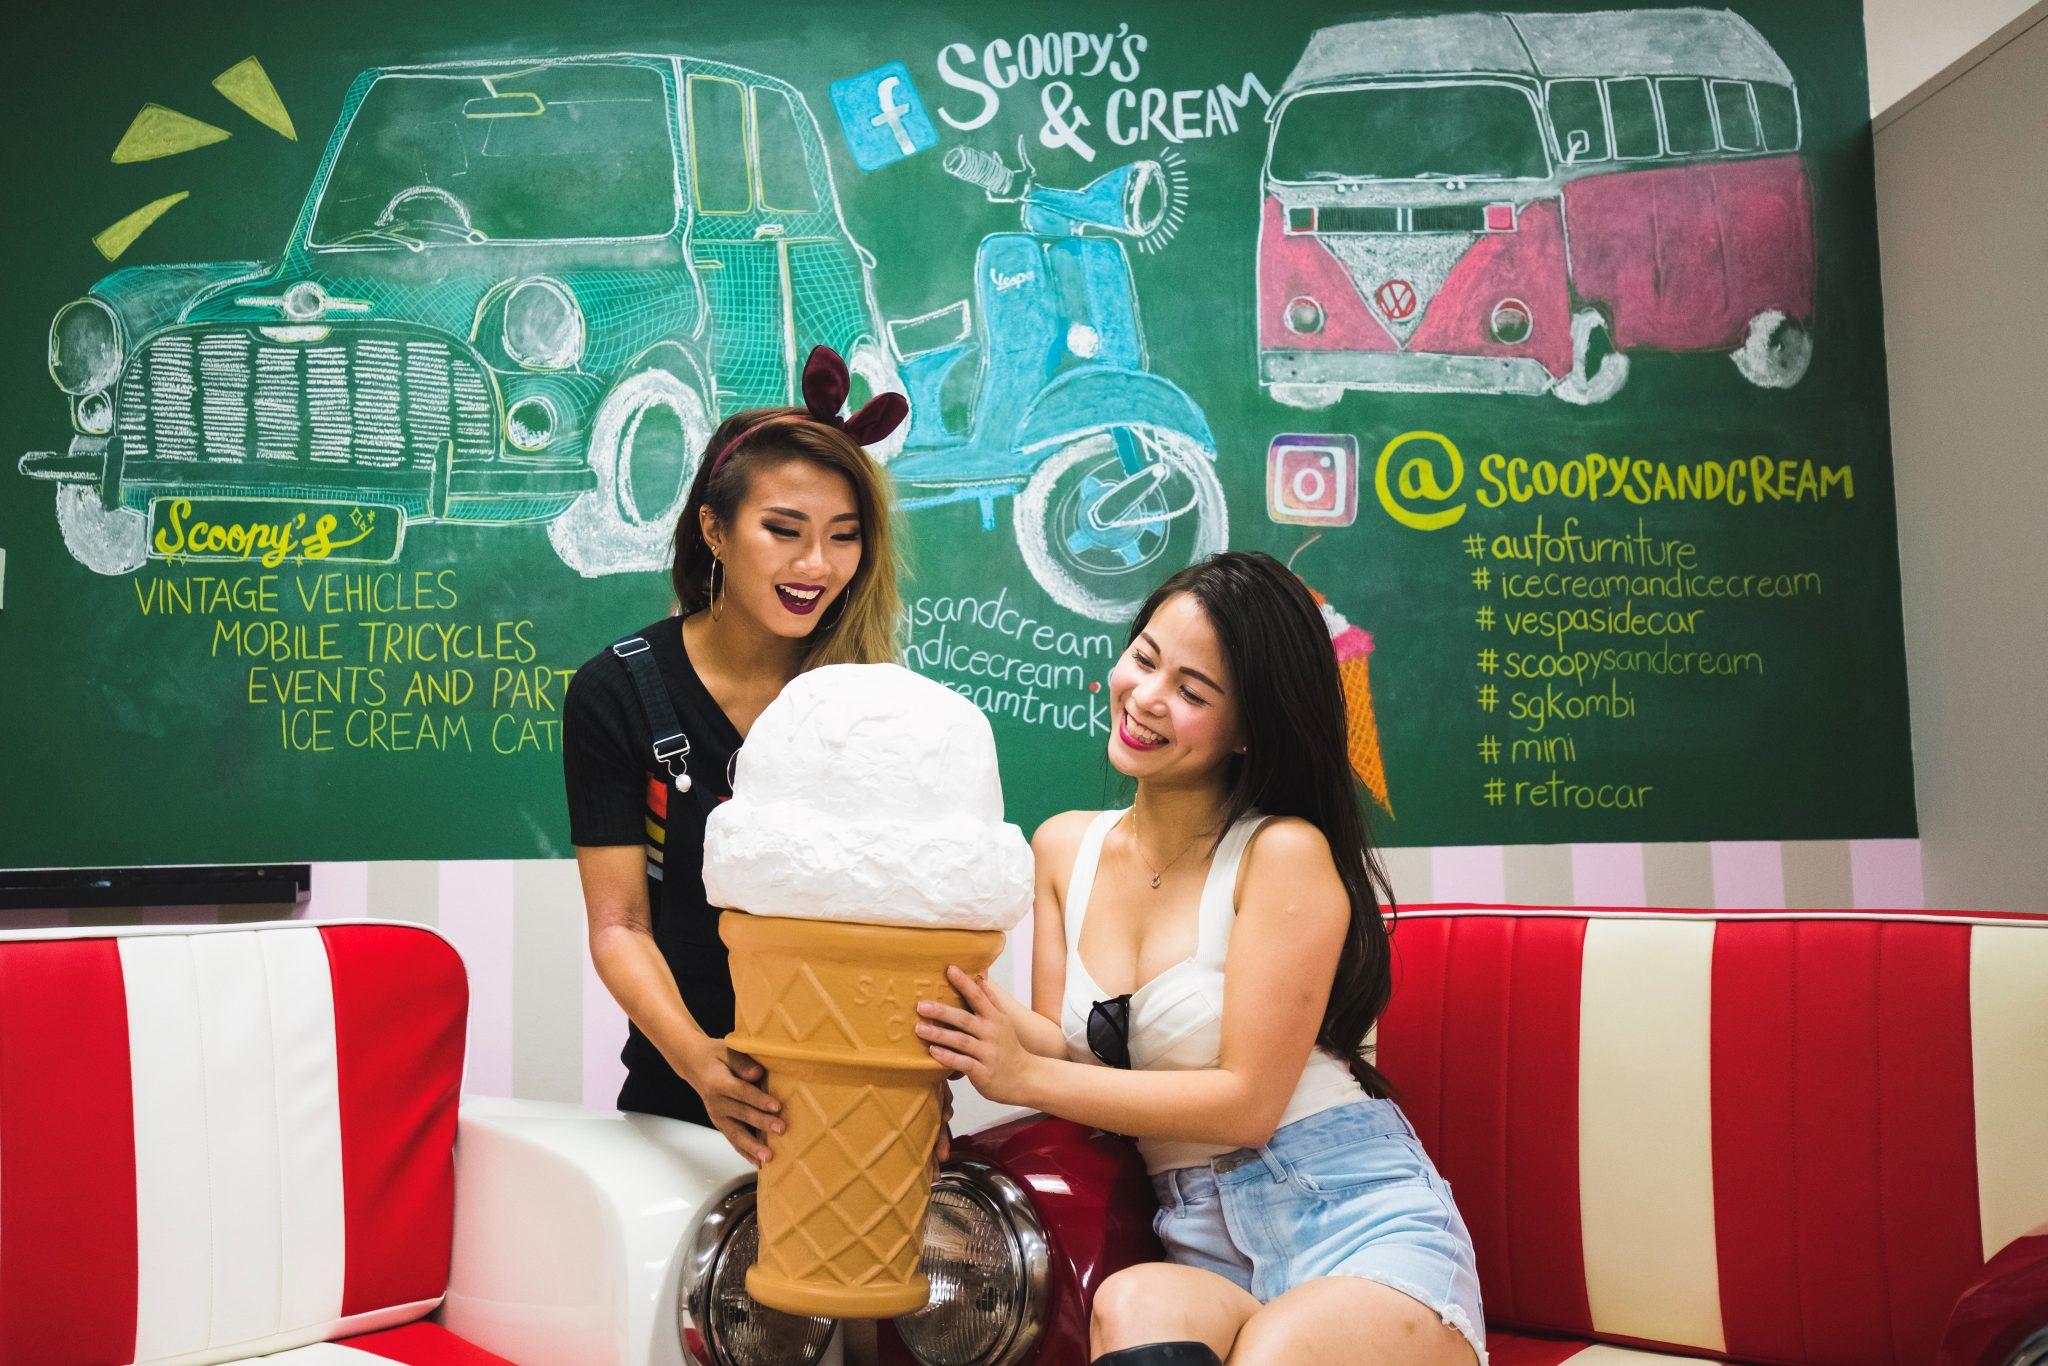 Ice cream workshop venue